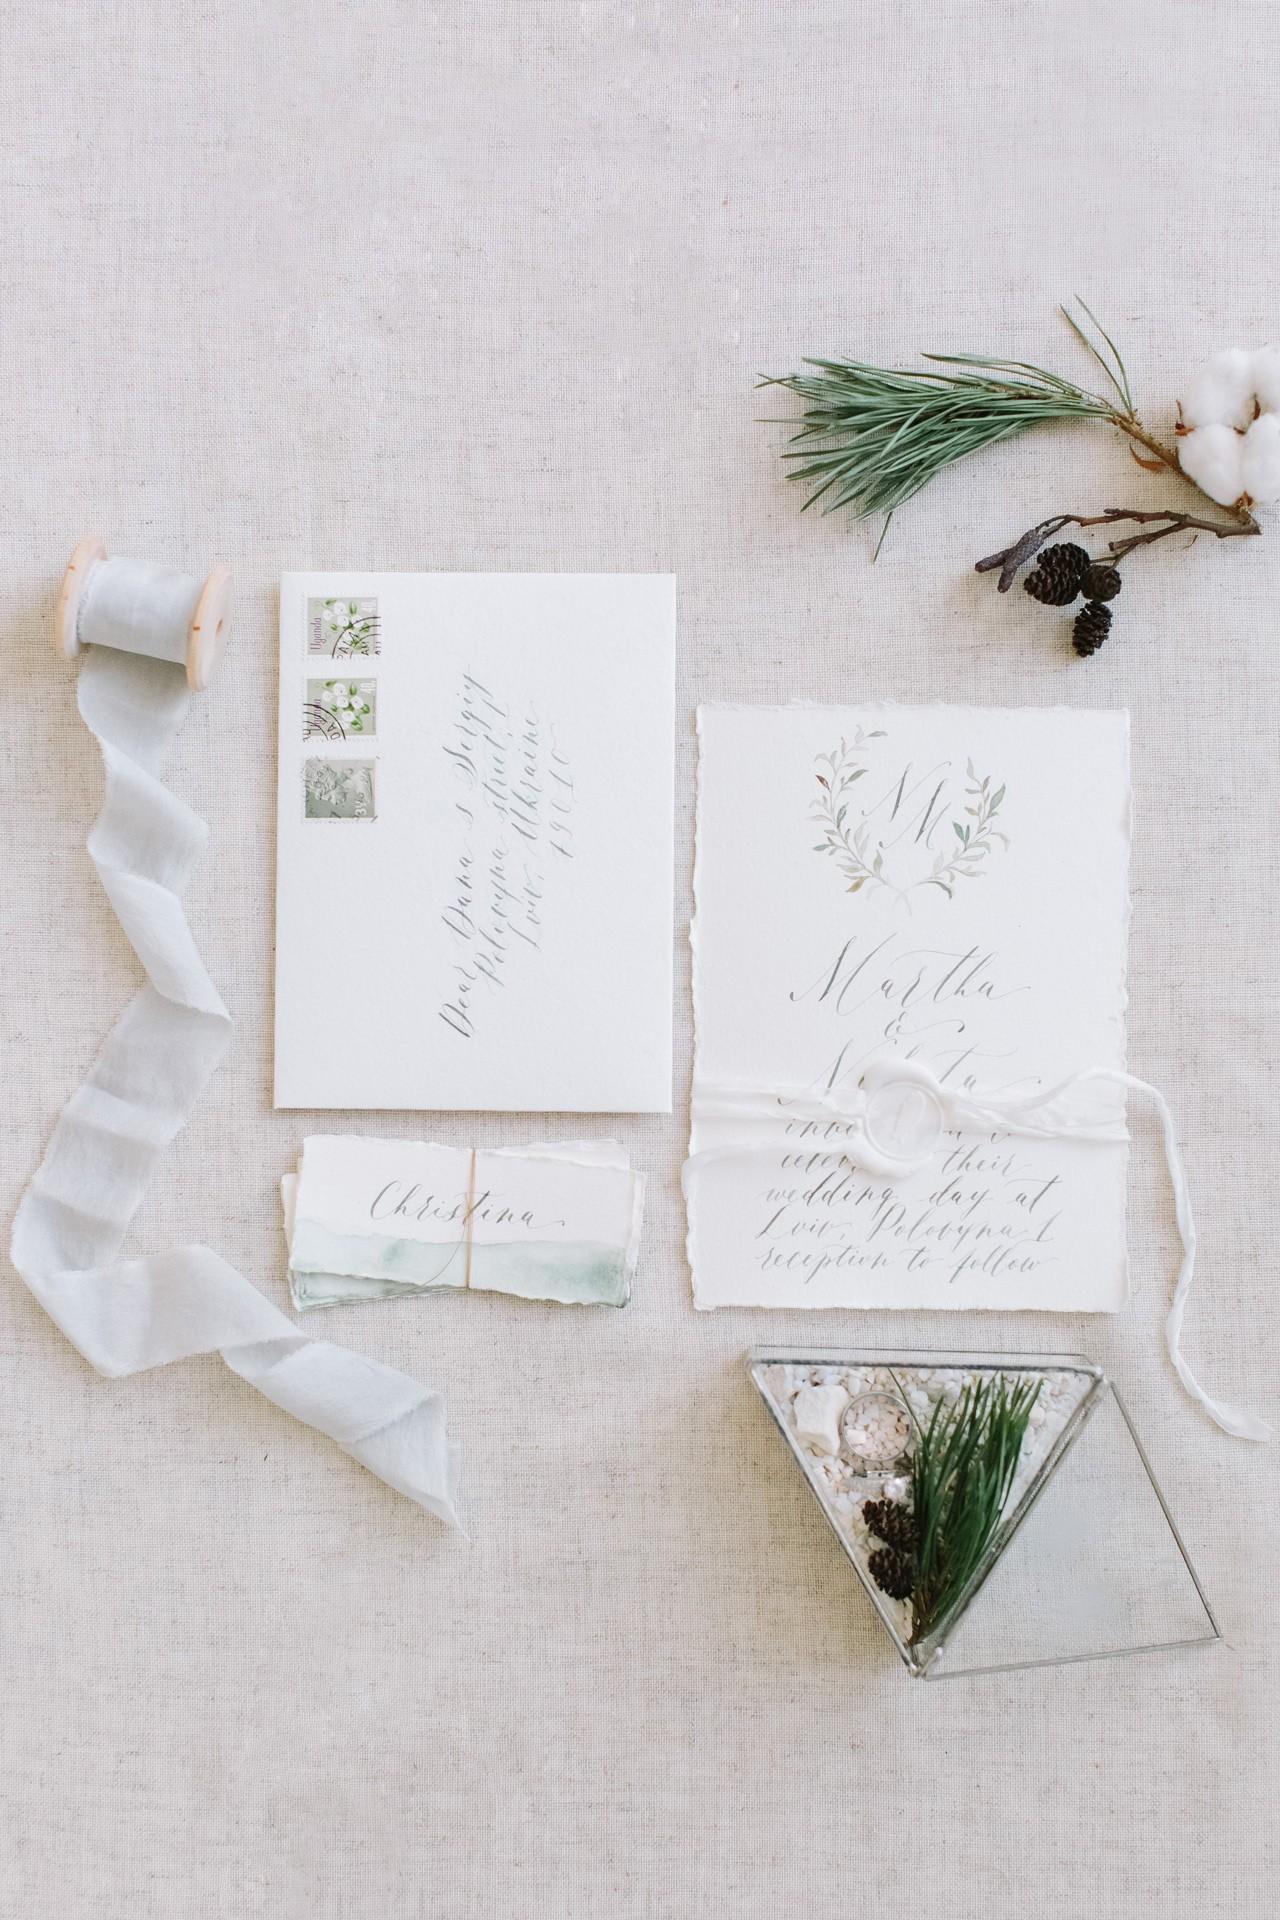 83f6df6e5548 Заказывать желательно минимум за 2 месяца до свадьбы, если необходим,  например, индивидуальный дизайн приглашений. Оптимально — за 3-4 месяца до  даты ...